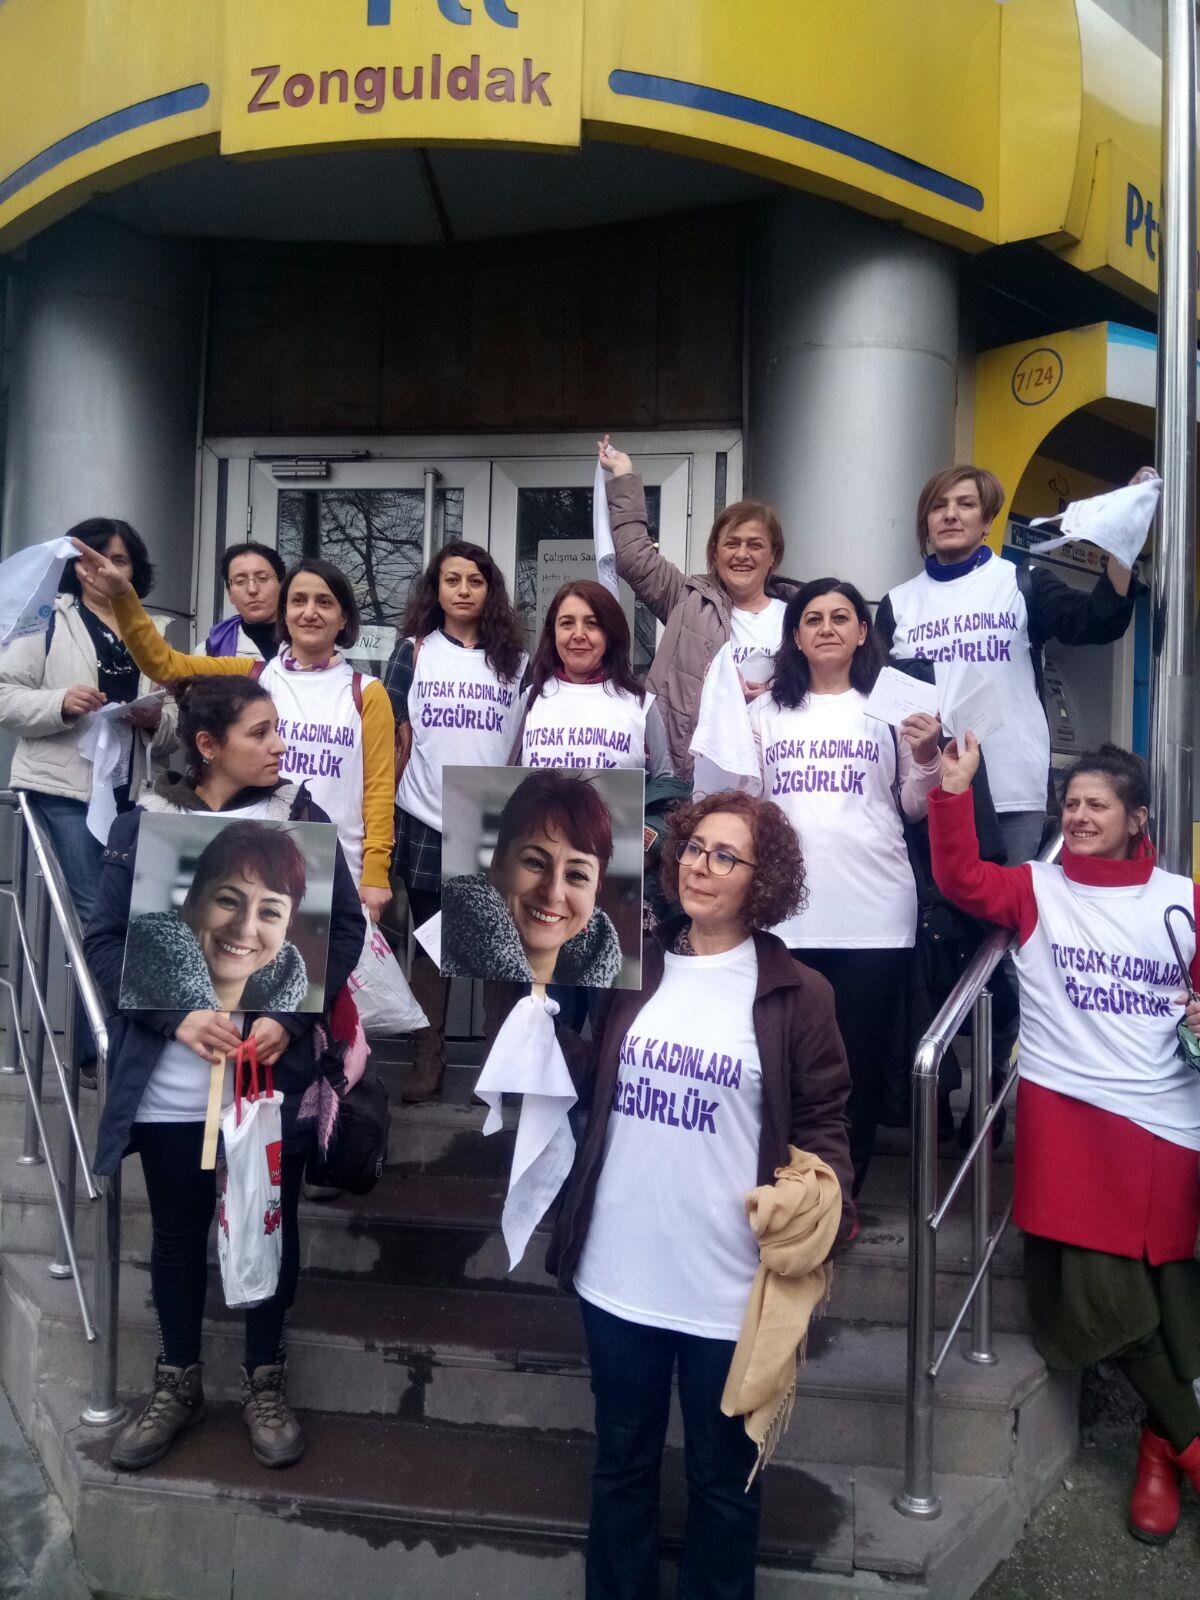 Zonguldak'ta Tutuklu Kadınlara Kart Gönderildi